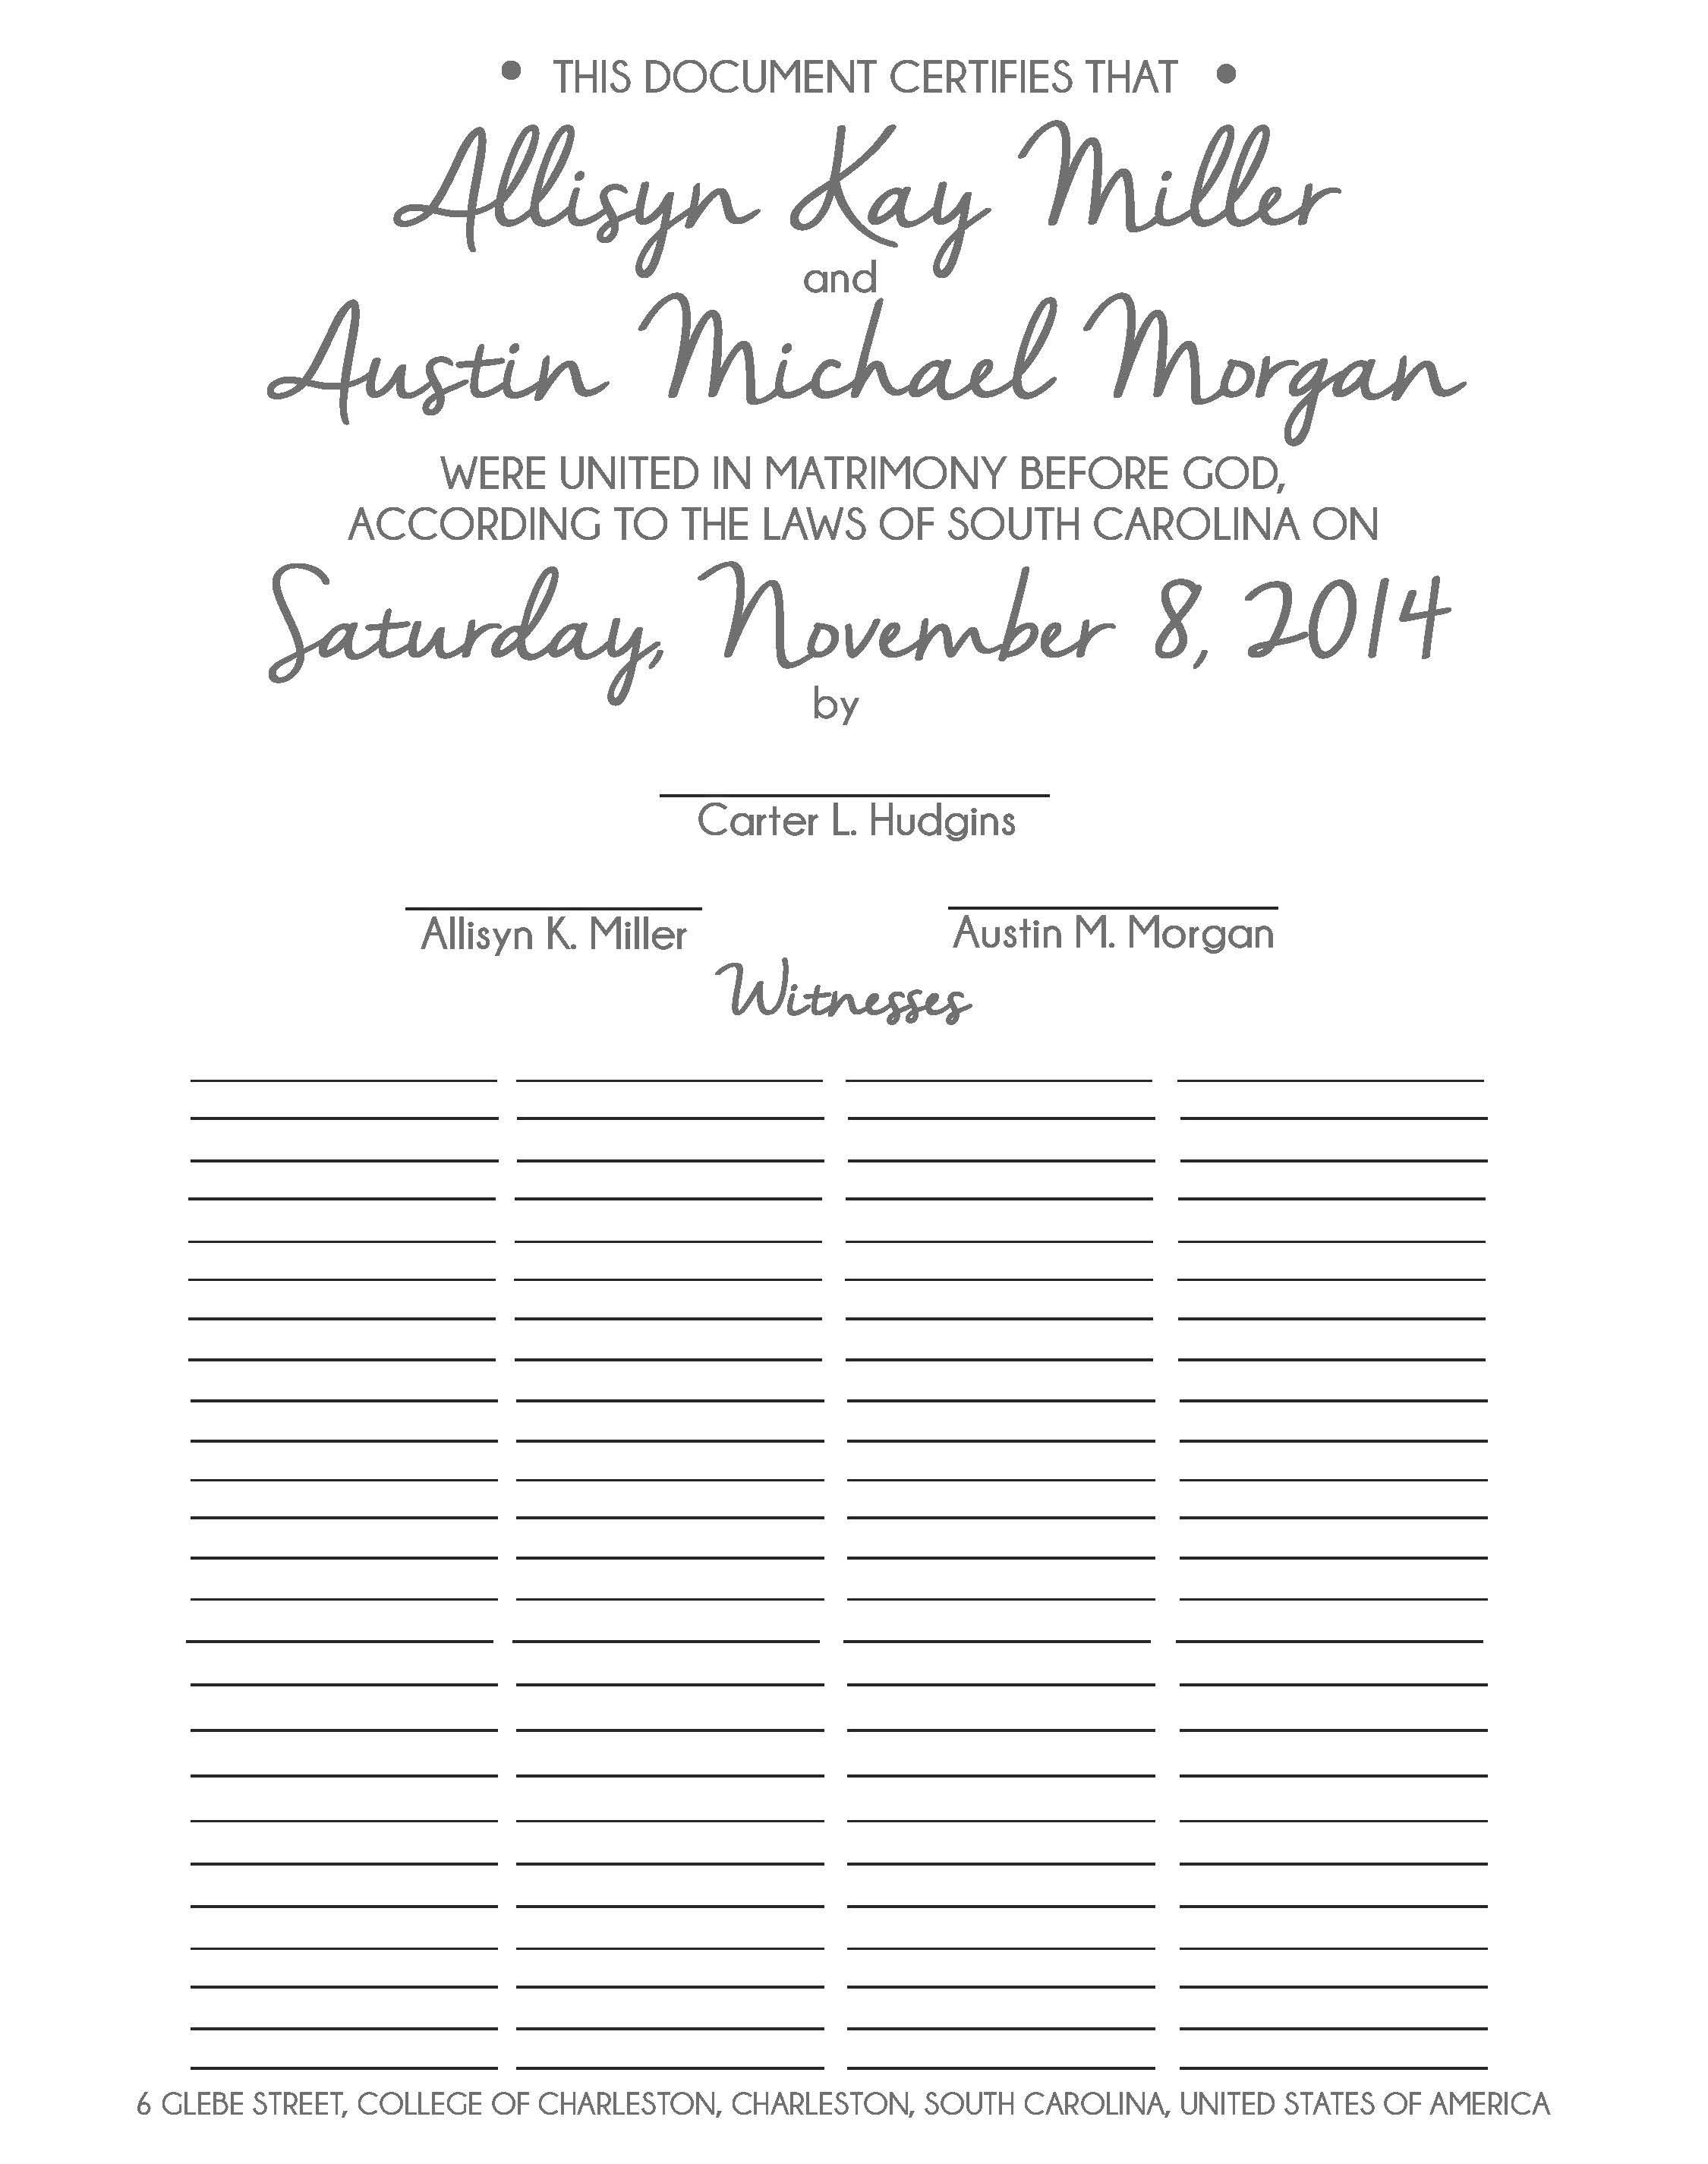 guest book certificate 11x14.jpg